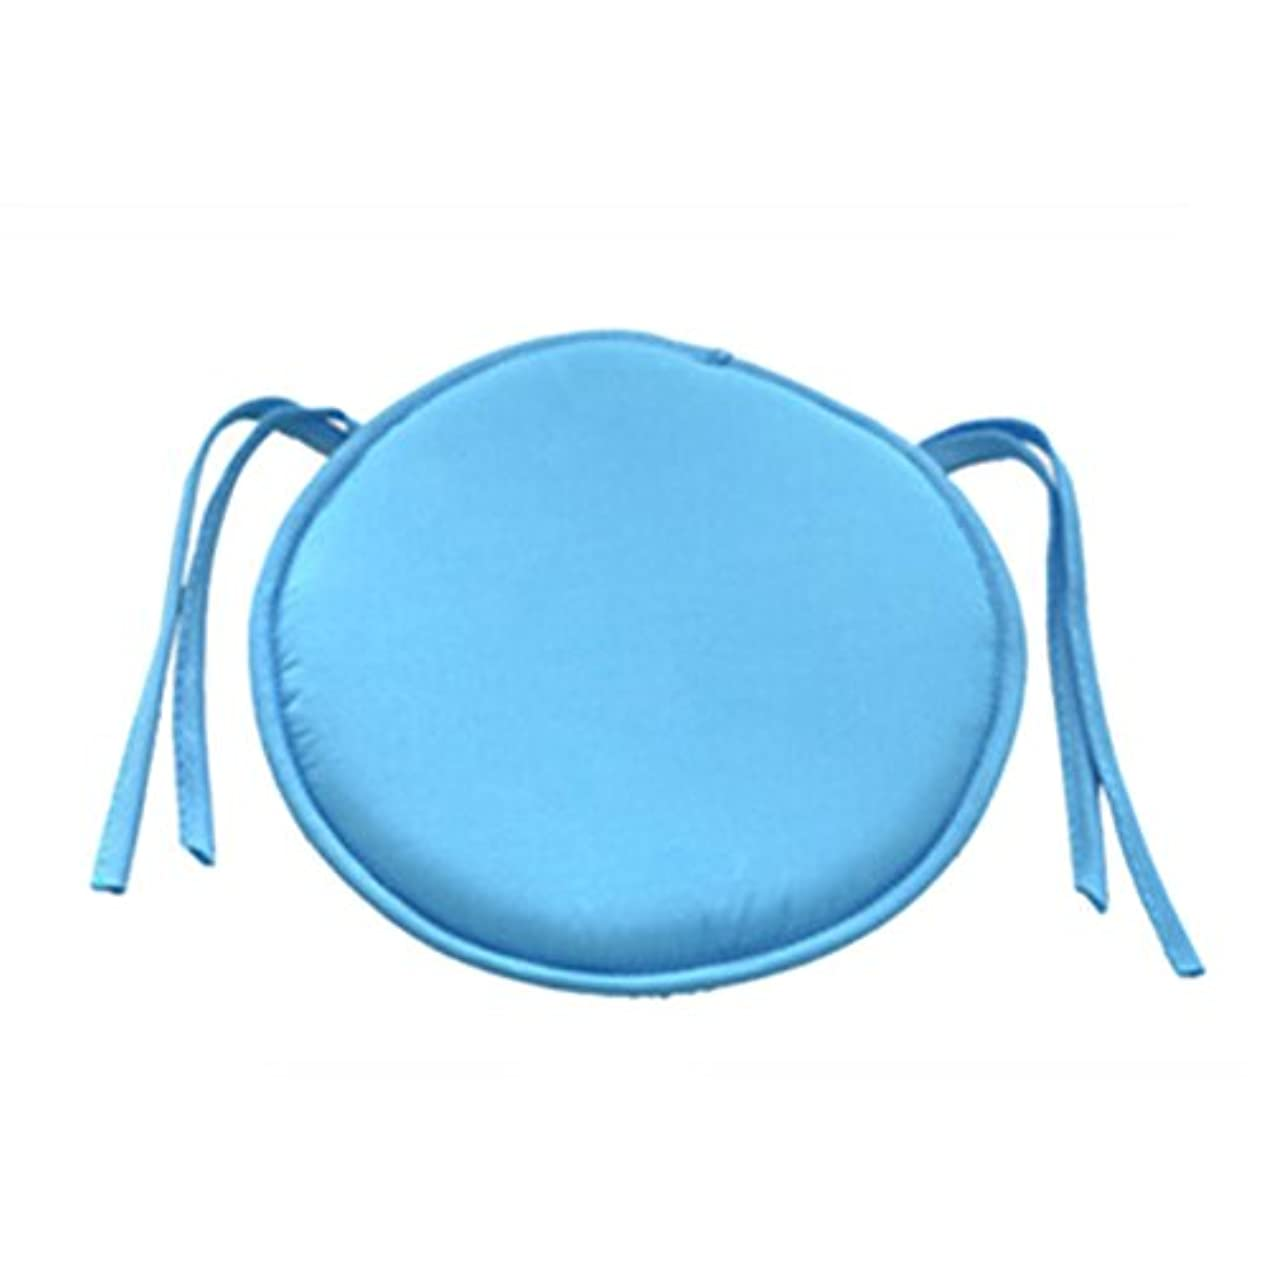 聴覚障害者海藻広々SMART ホット販売ラウンドチェアクッション屋内ポップパティオオフィスチェアシートパッドネクタイスクエアガーデンキッチンダイニングクッション クッション 椅子